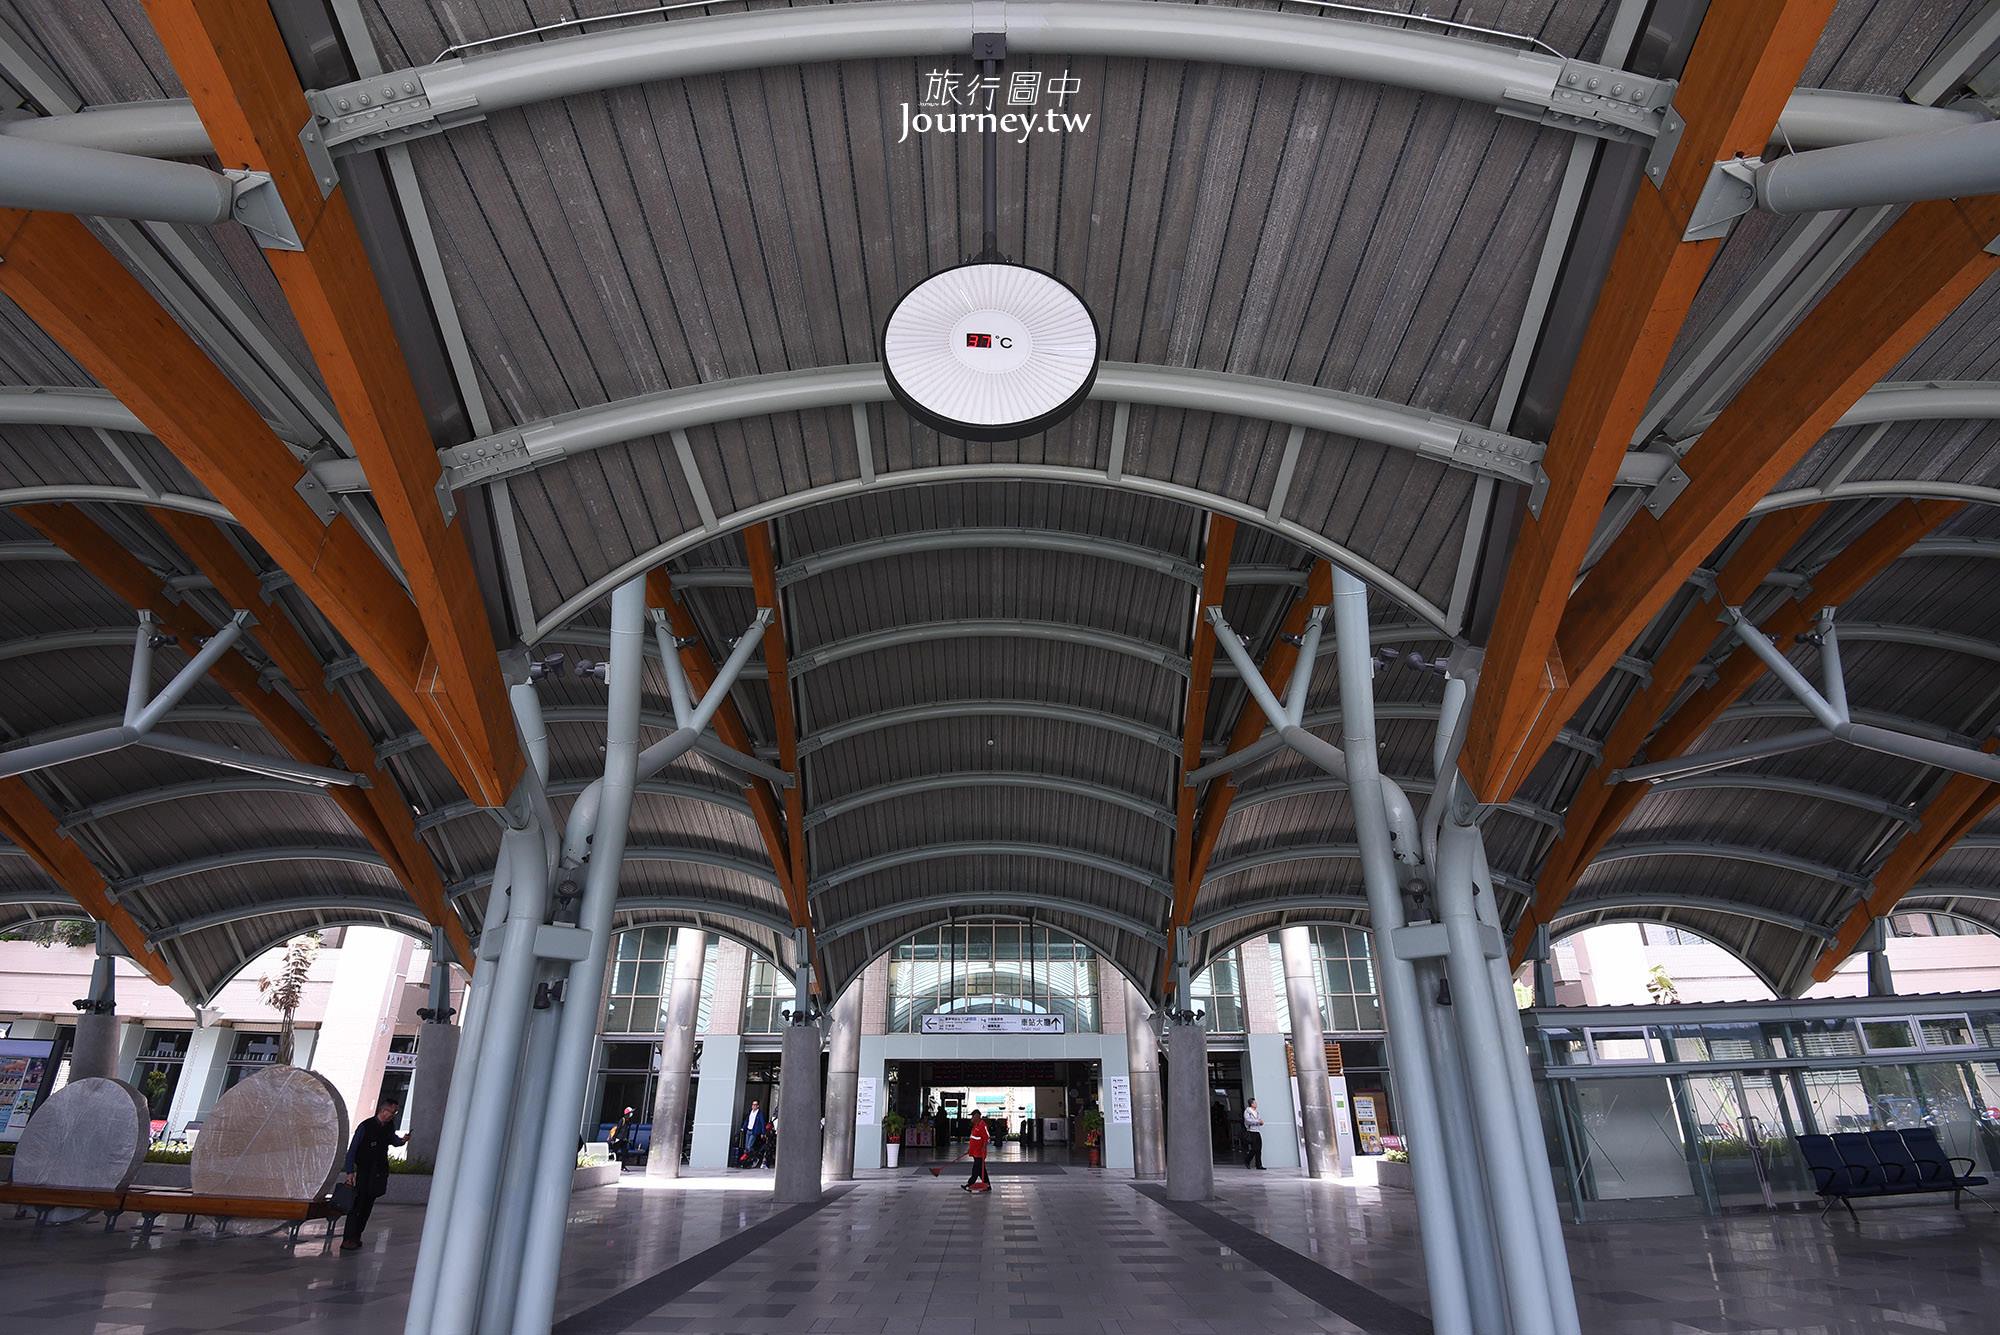 台東,台東車站,花東鐵道,新台東車站,台東車站夜景